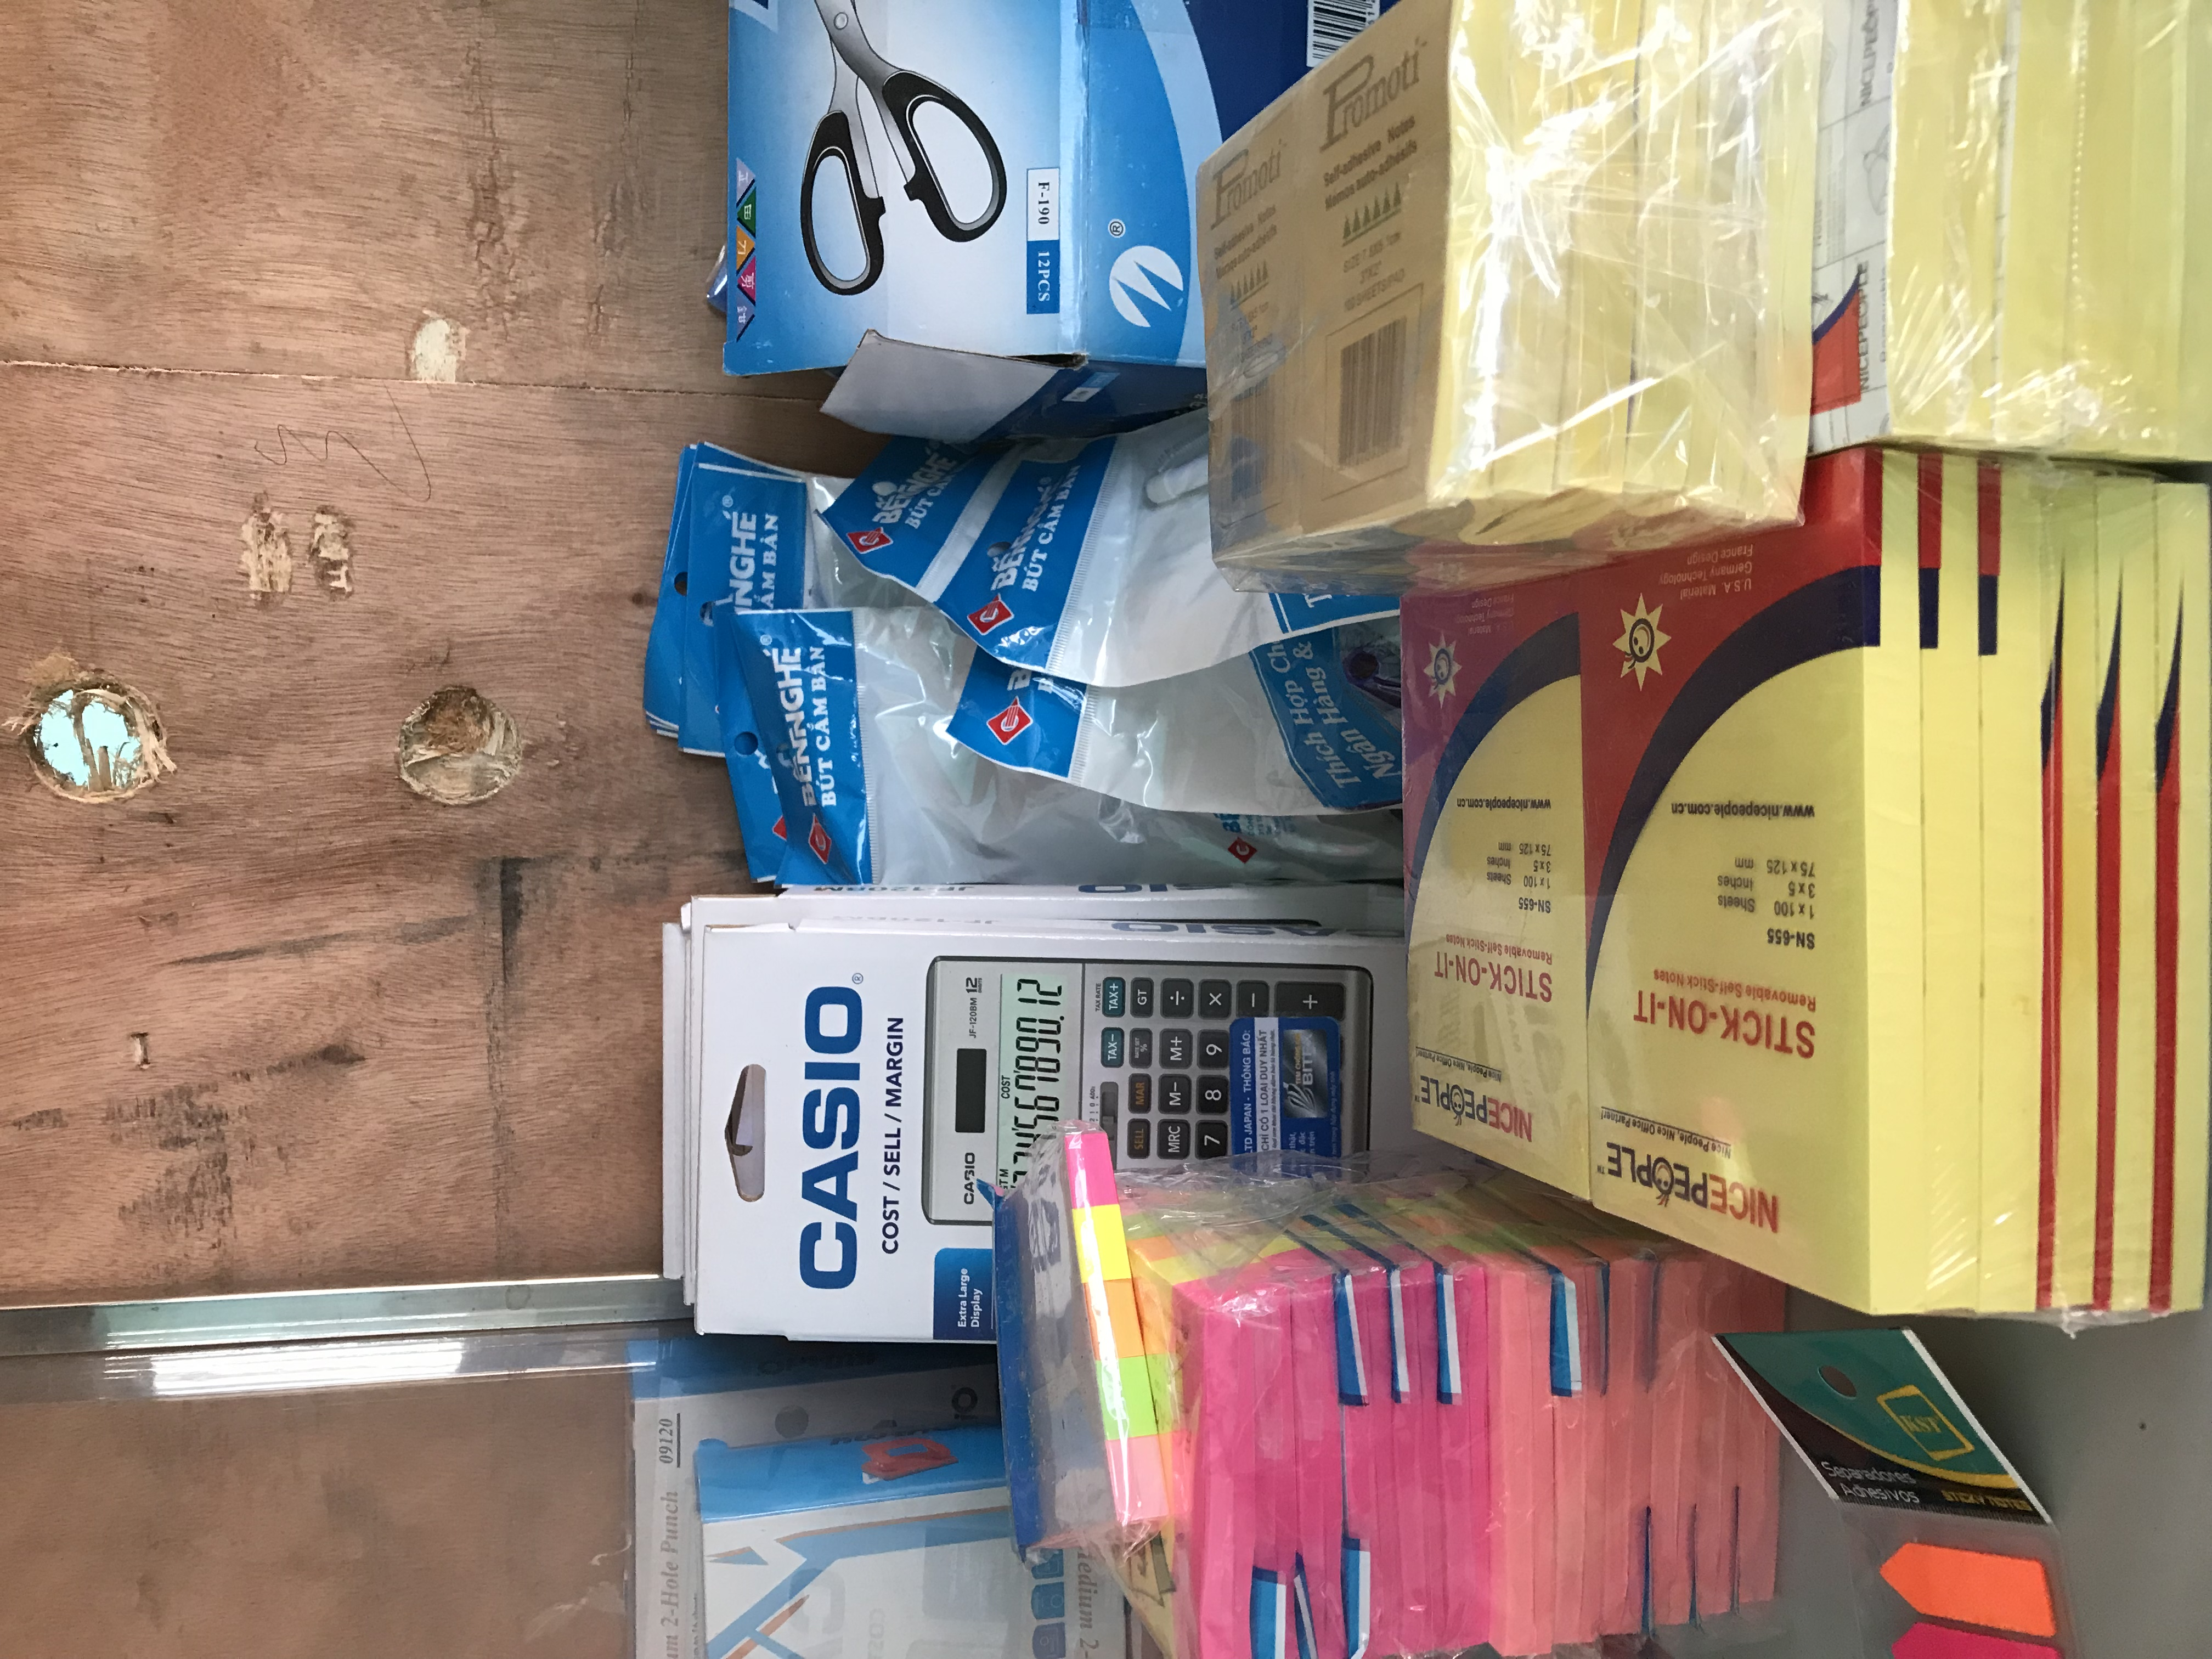 Máy tính Casio , kéo văn phòng , giấy nhớ có đủ các loại zalo 0912.677.982